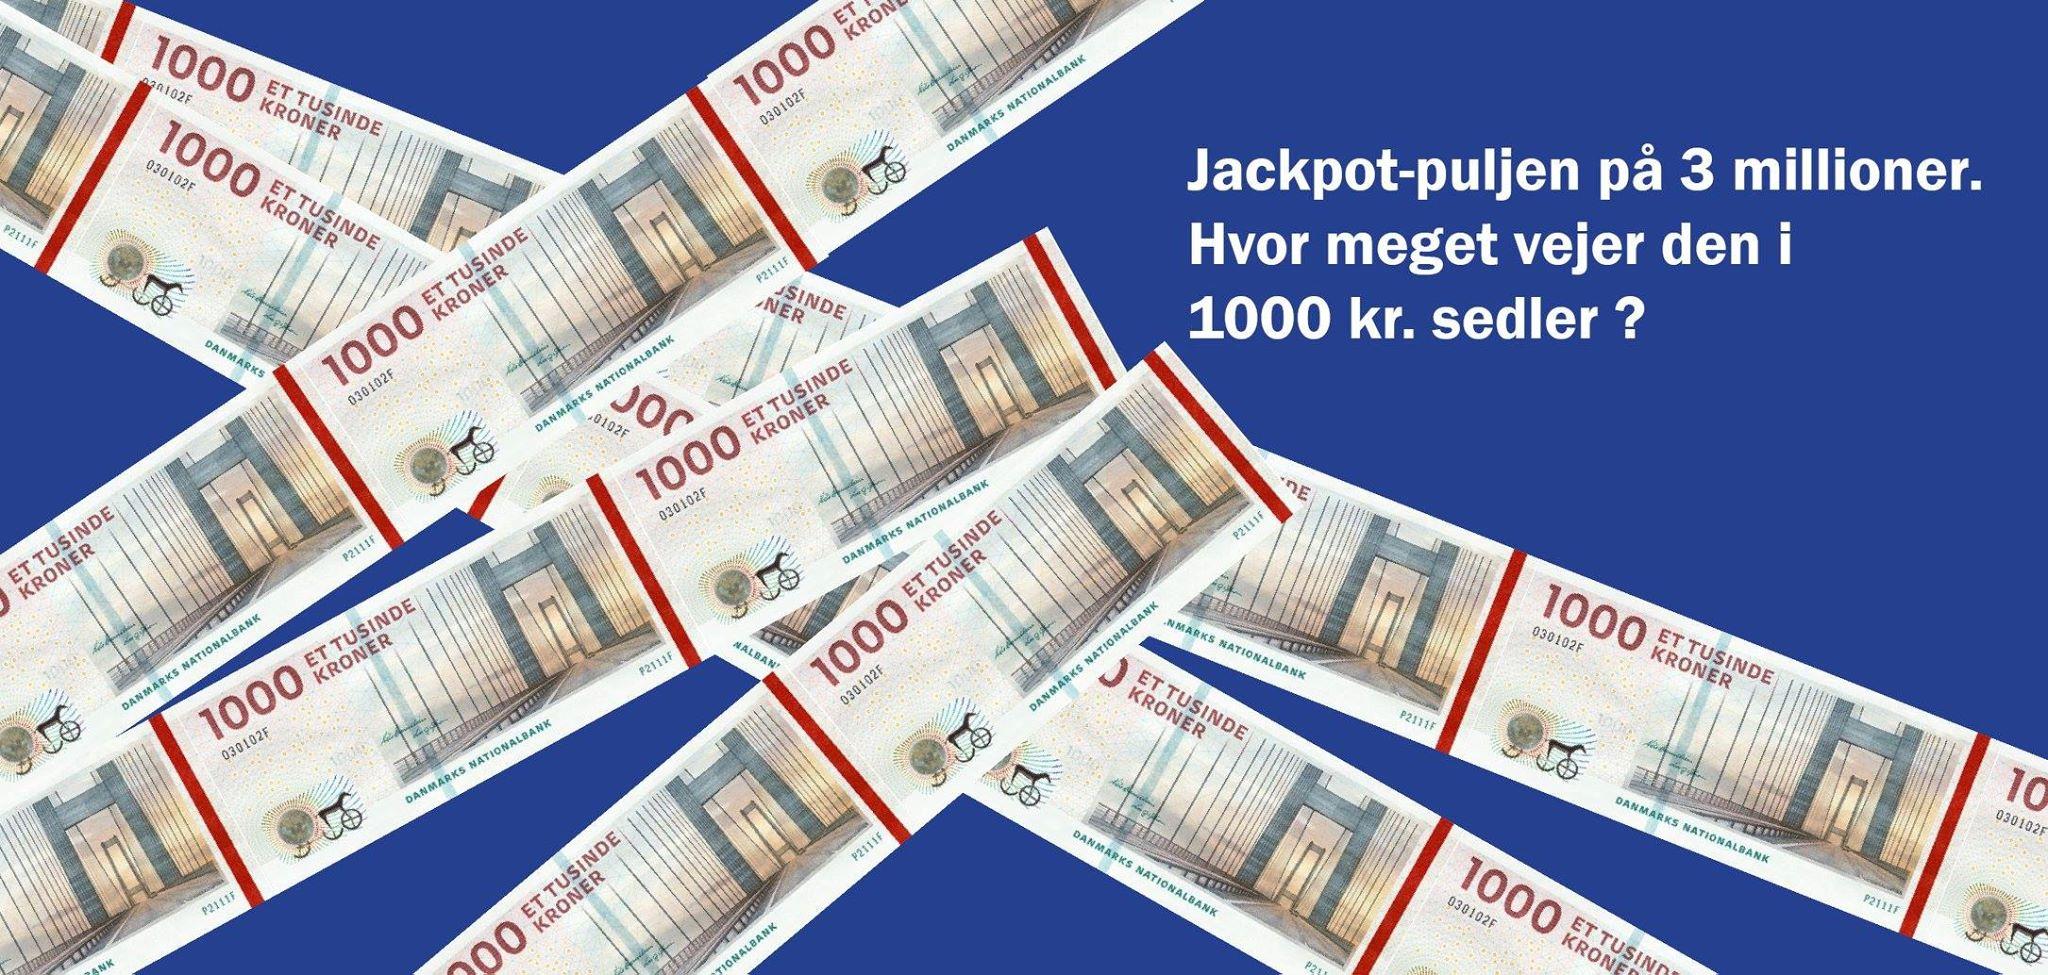 Hvor meget vejer 3 millioner kroner i 1.000kr sedler | 1stpoker.dk